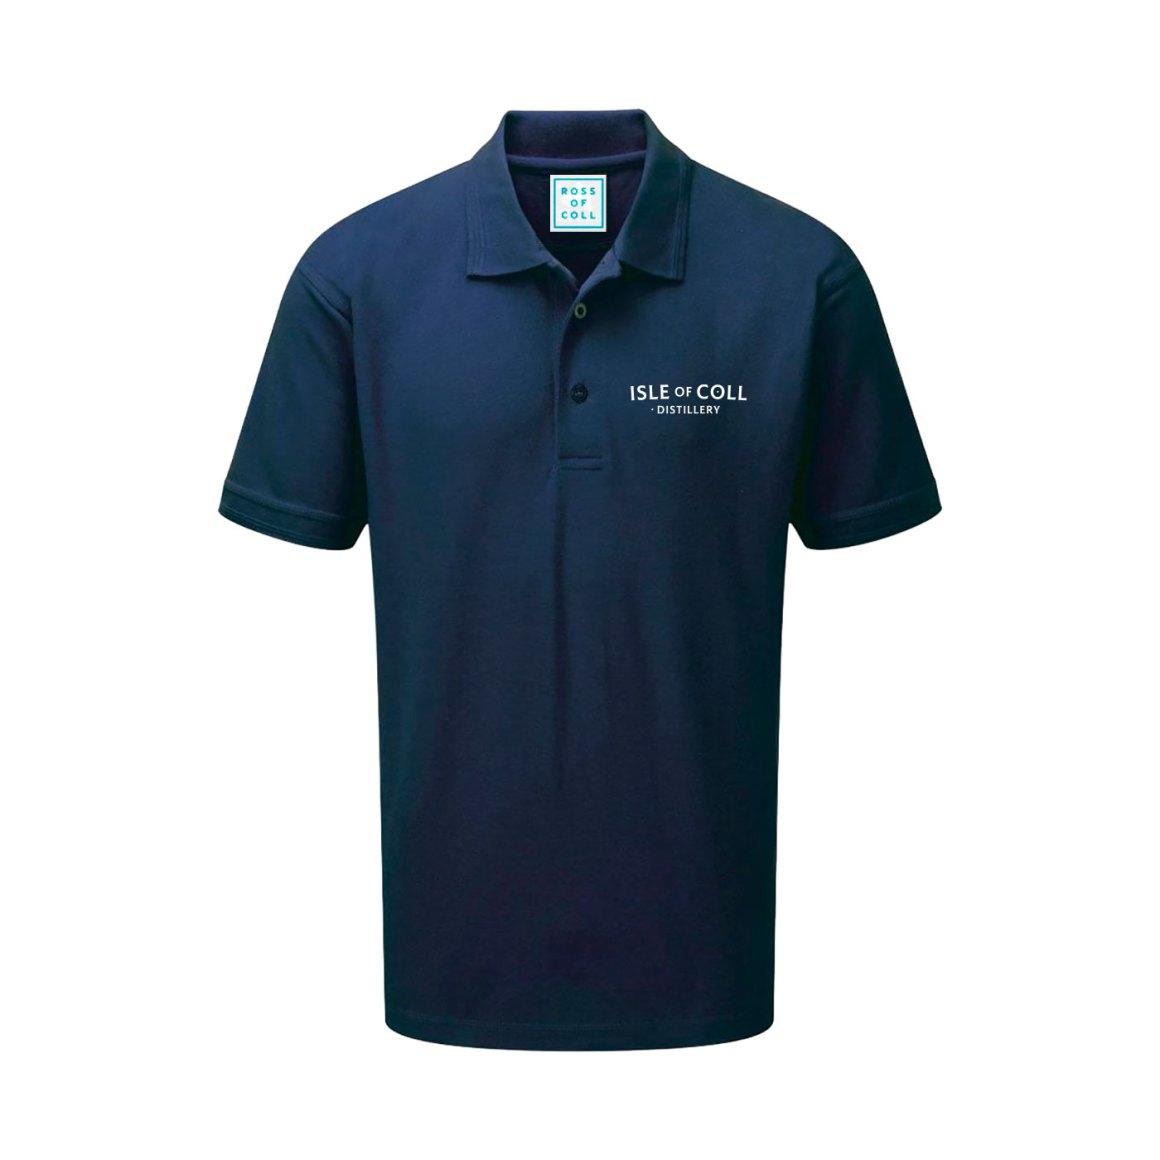 Coll Distillery Polo Shirt